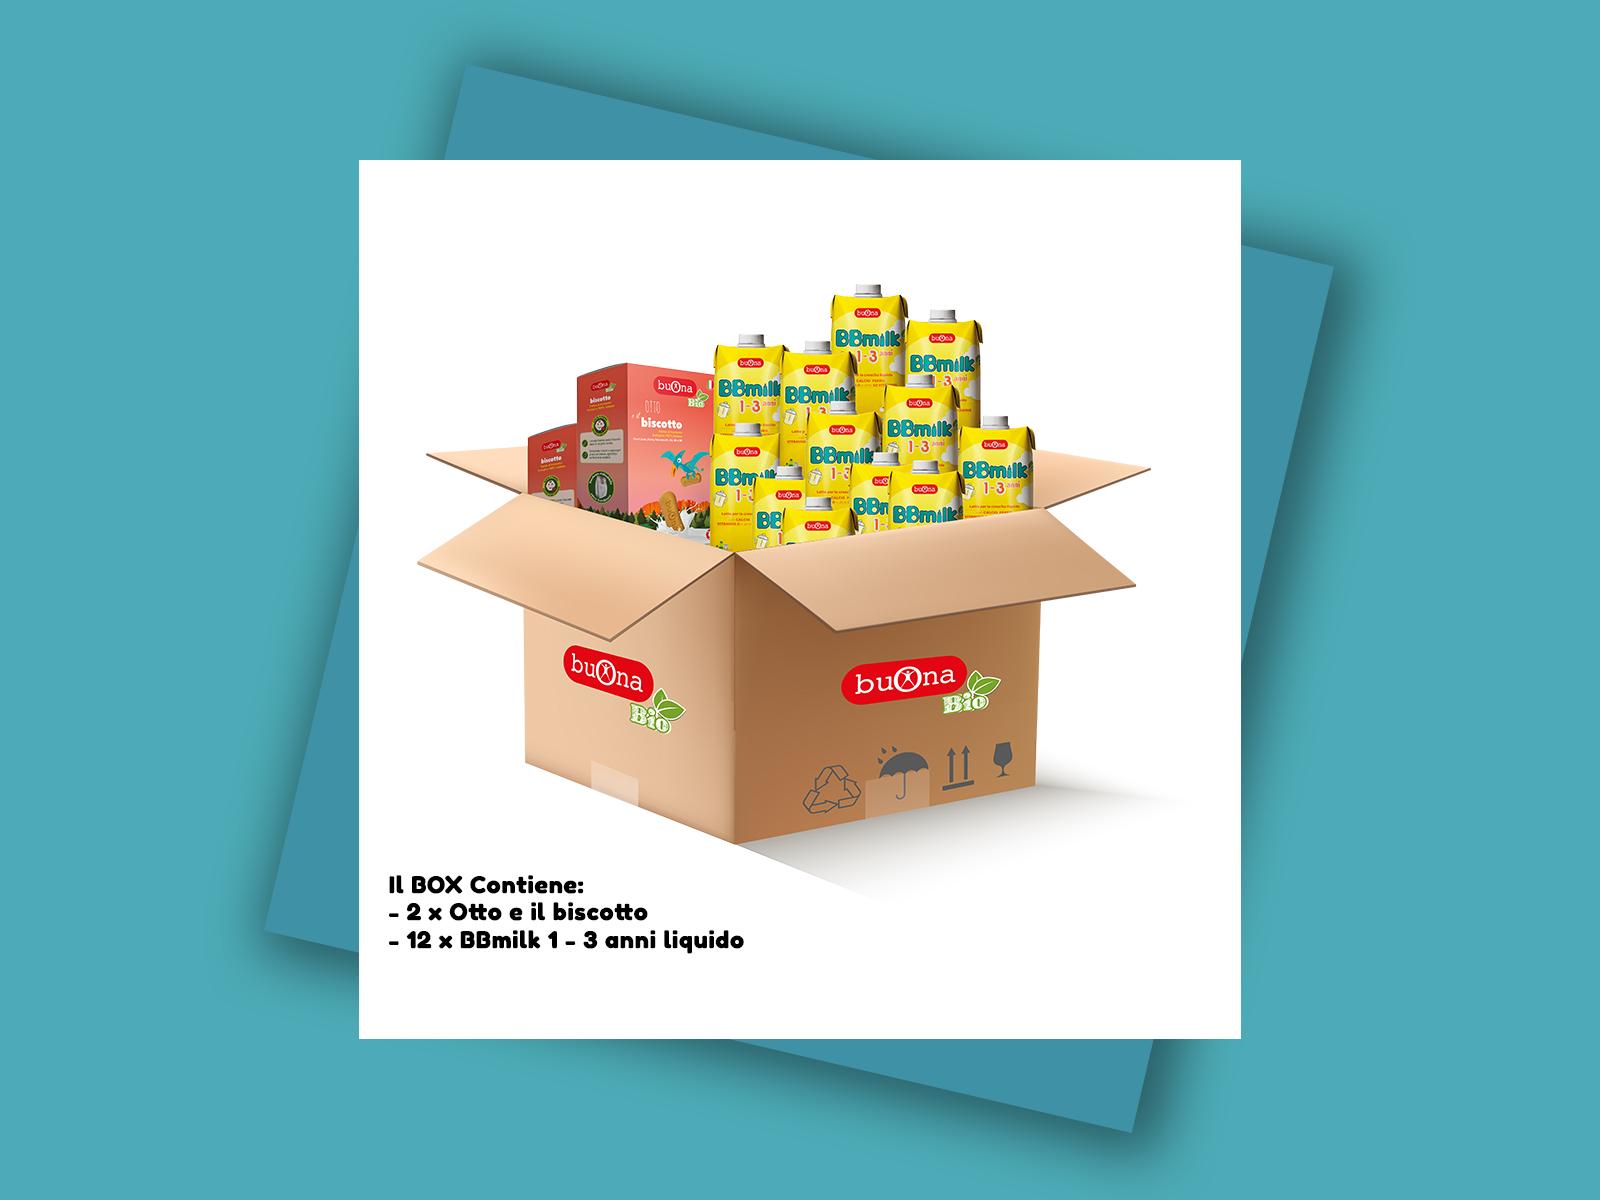 Immagine BOX Prodotti Colazione